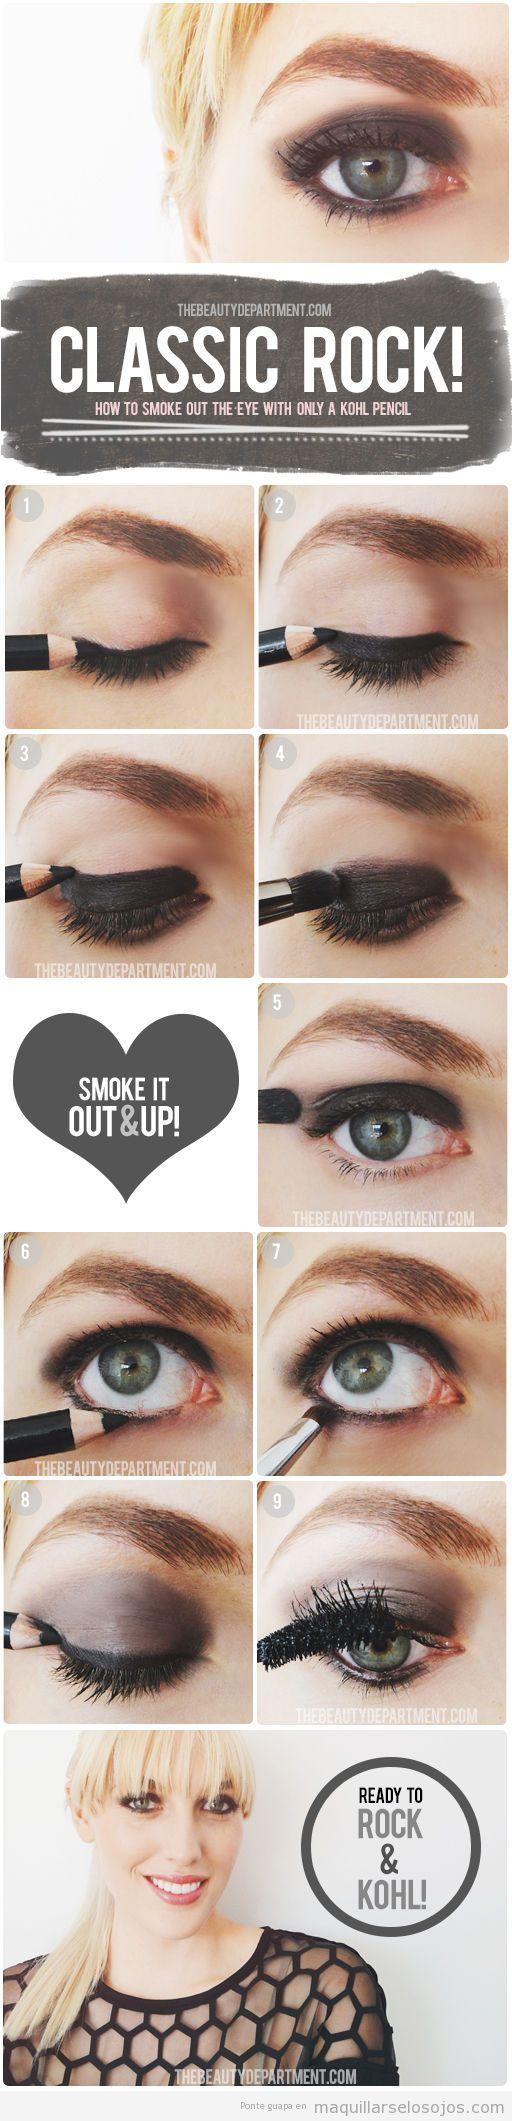 Pintarse ojos archivos maquillarse los ojos for Pintarse los ojos facil